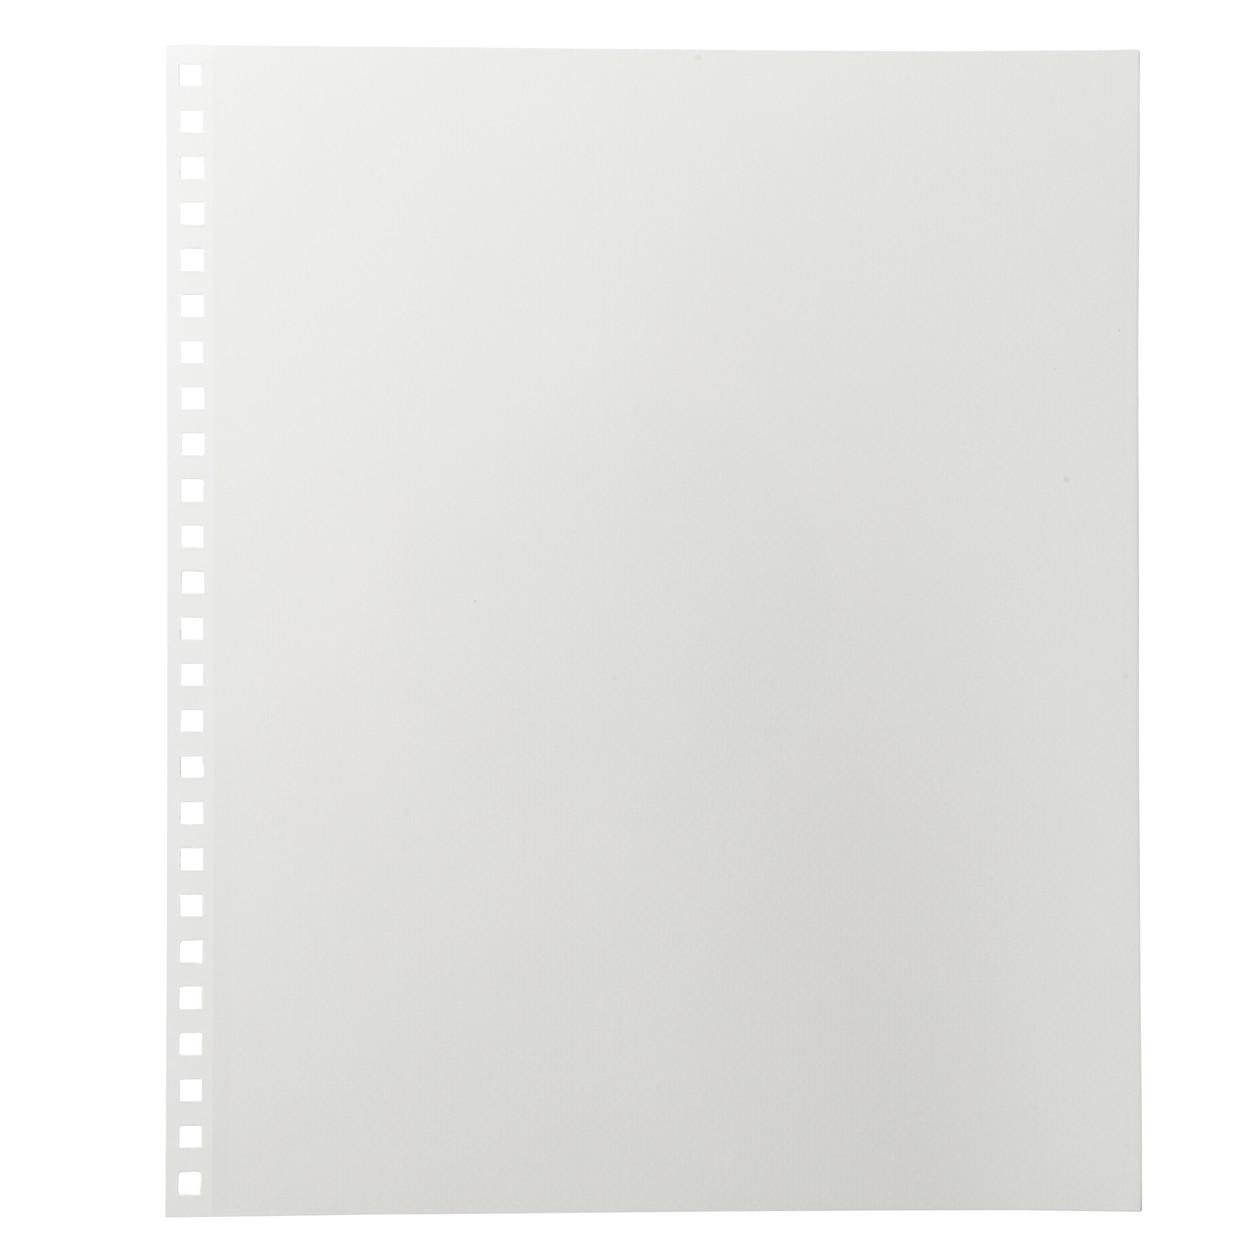 ポリプロピレンカバー台紙に書きこめるアルバム用・フリー台紙